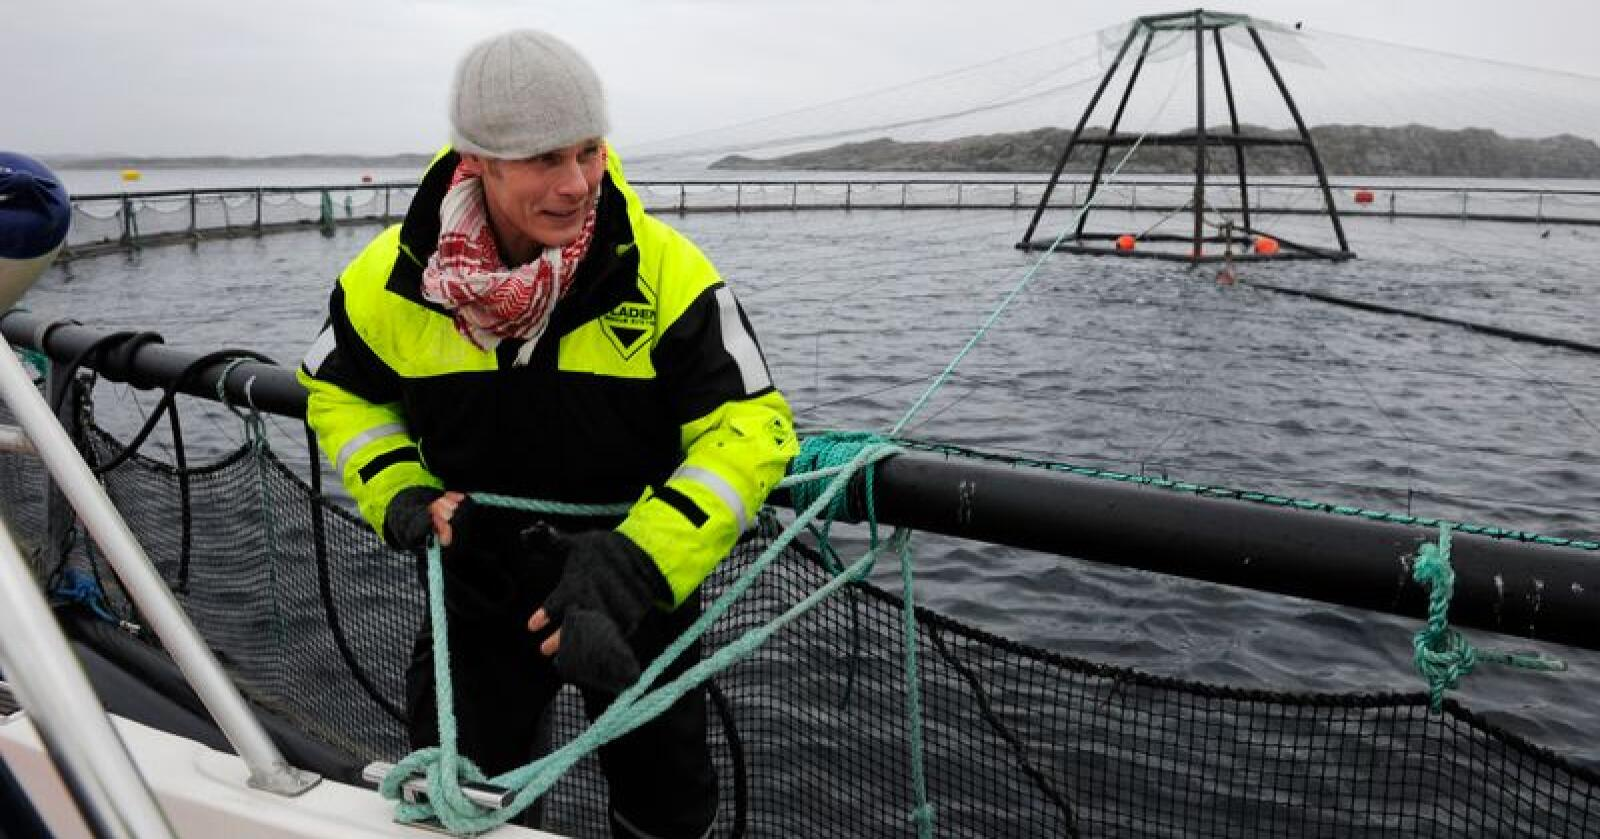 Ola Braanaas i Firda Seafood Group i Sogn og Fjordane doblet formuen fra en halv milliard til en milliard kroner. Han sier han vil flagge ut om det blir innført lakseskatt. Foto: Marit Hommedal / NTB scanpix